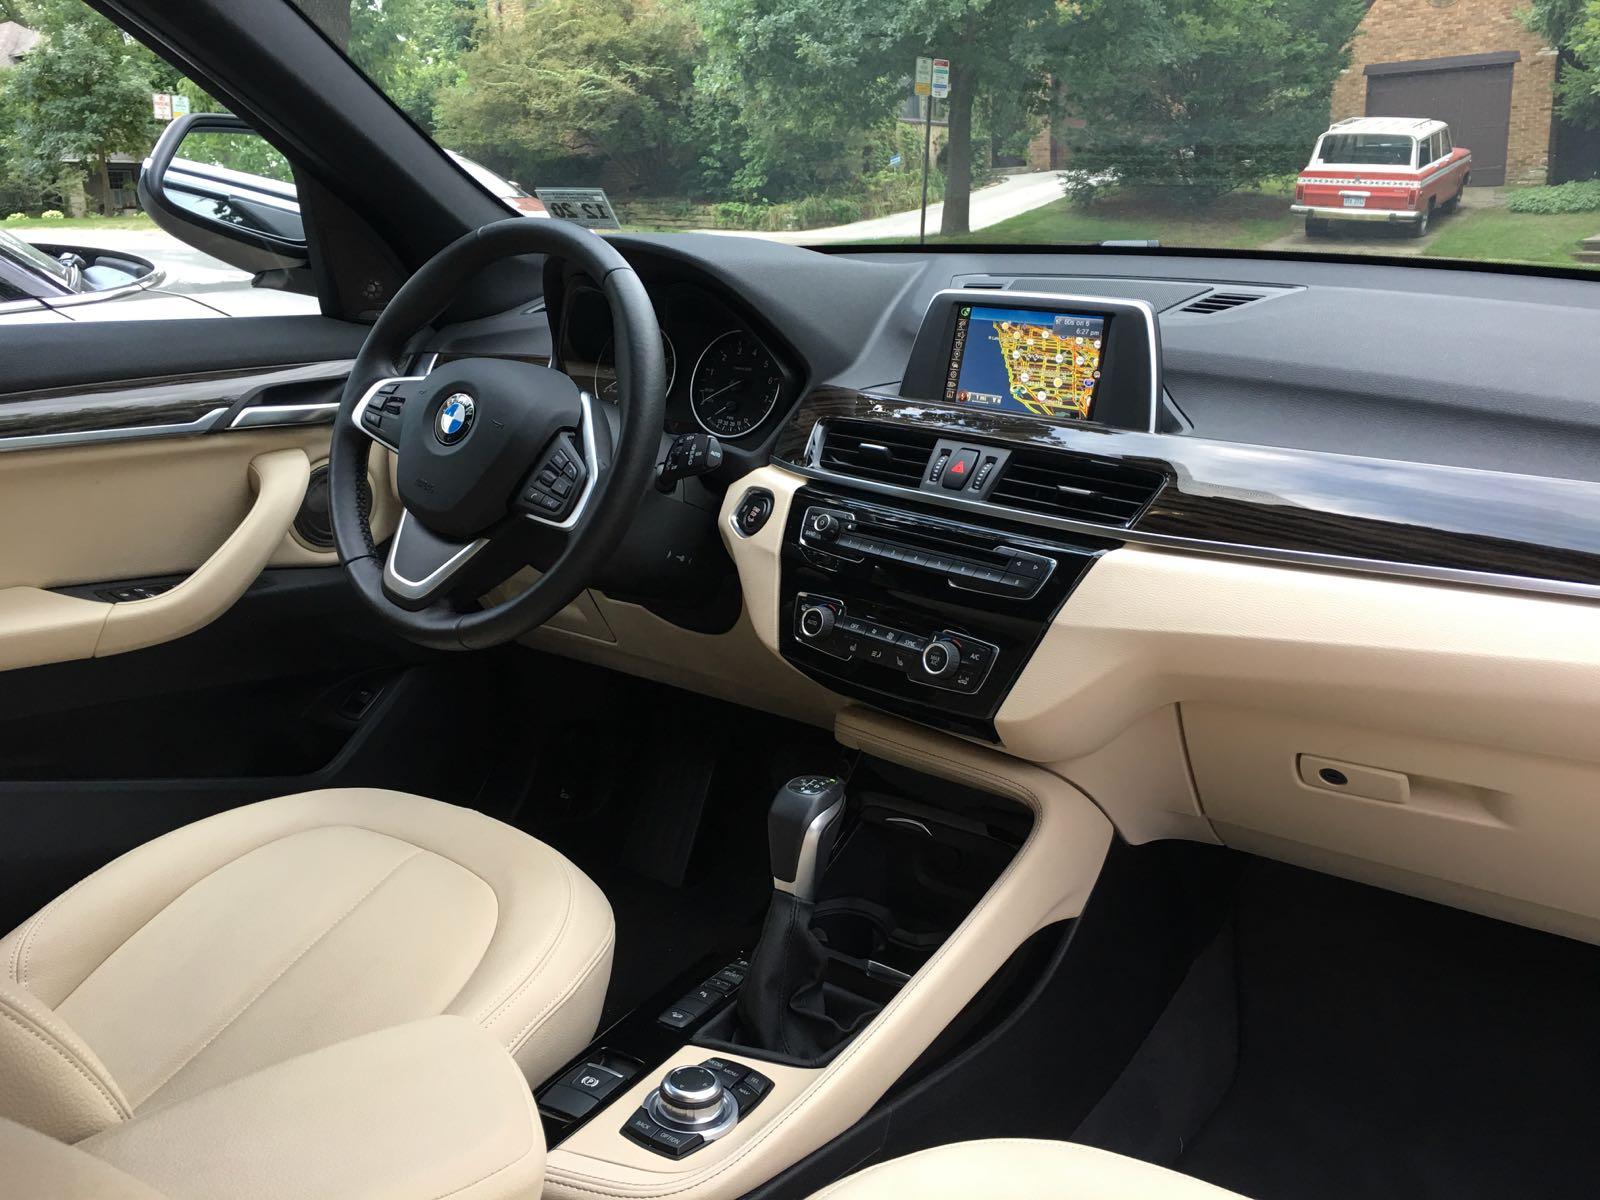 BMW_X1_1226